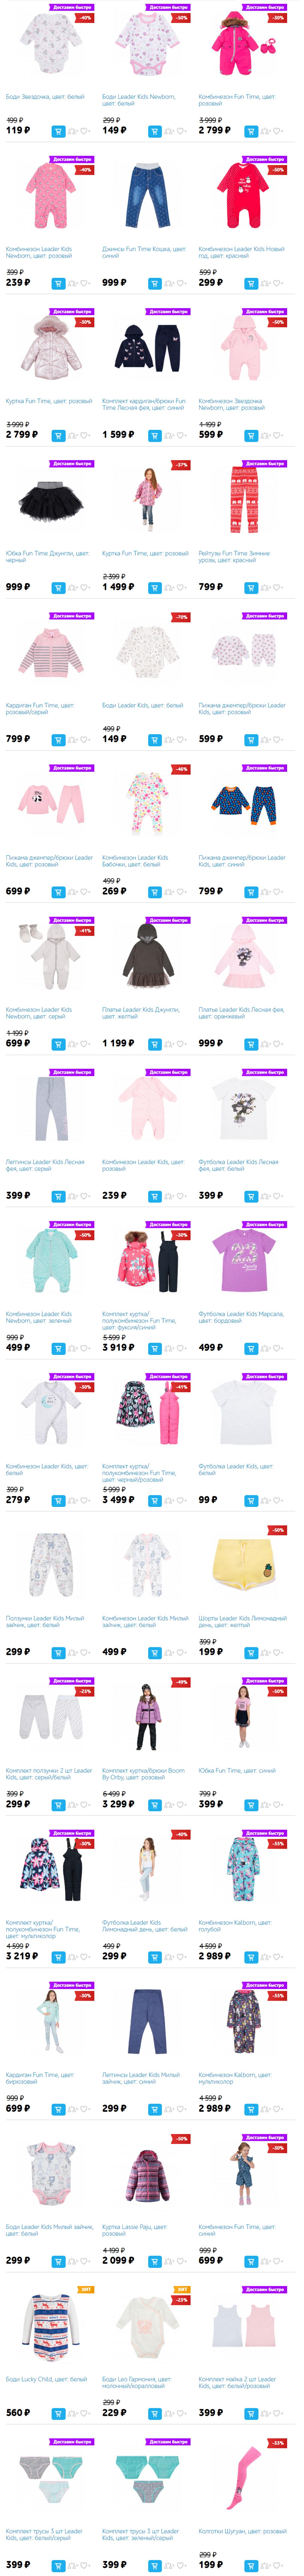 Детская одежда для девочек в каталоге Дочки-Сыночки Кувандык